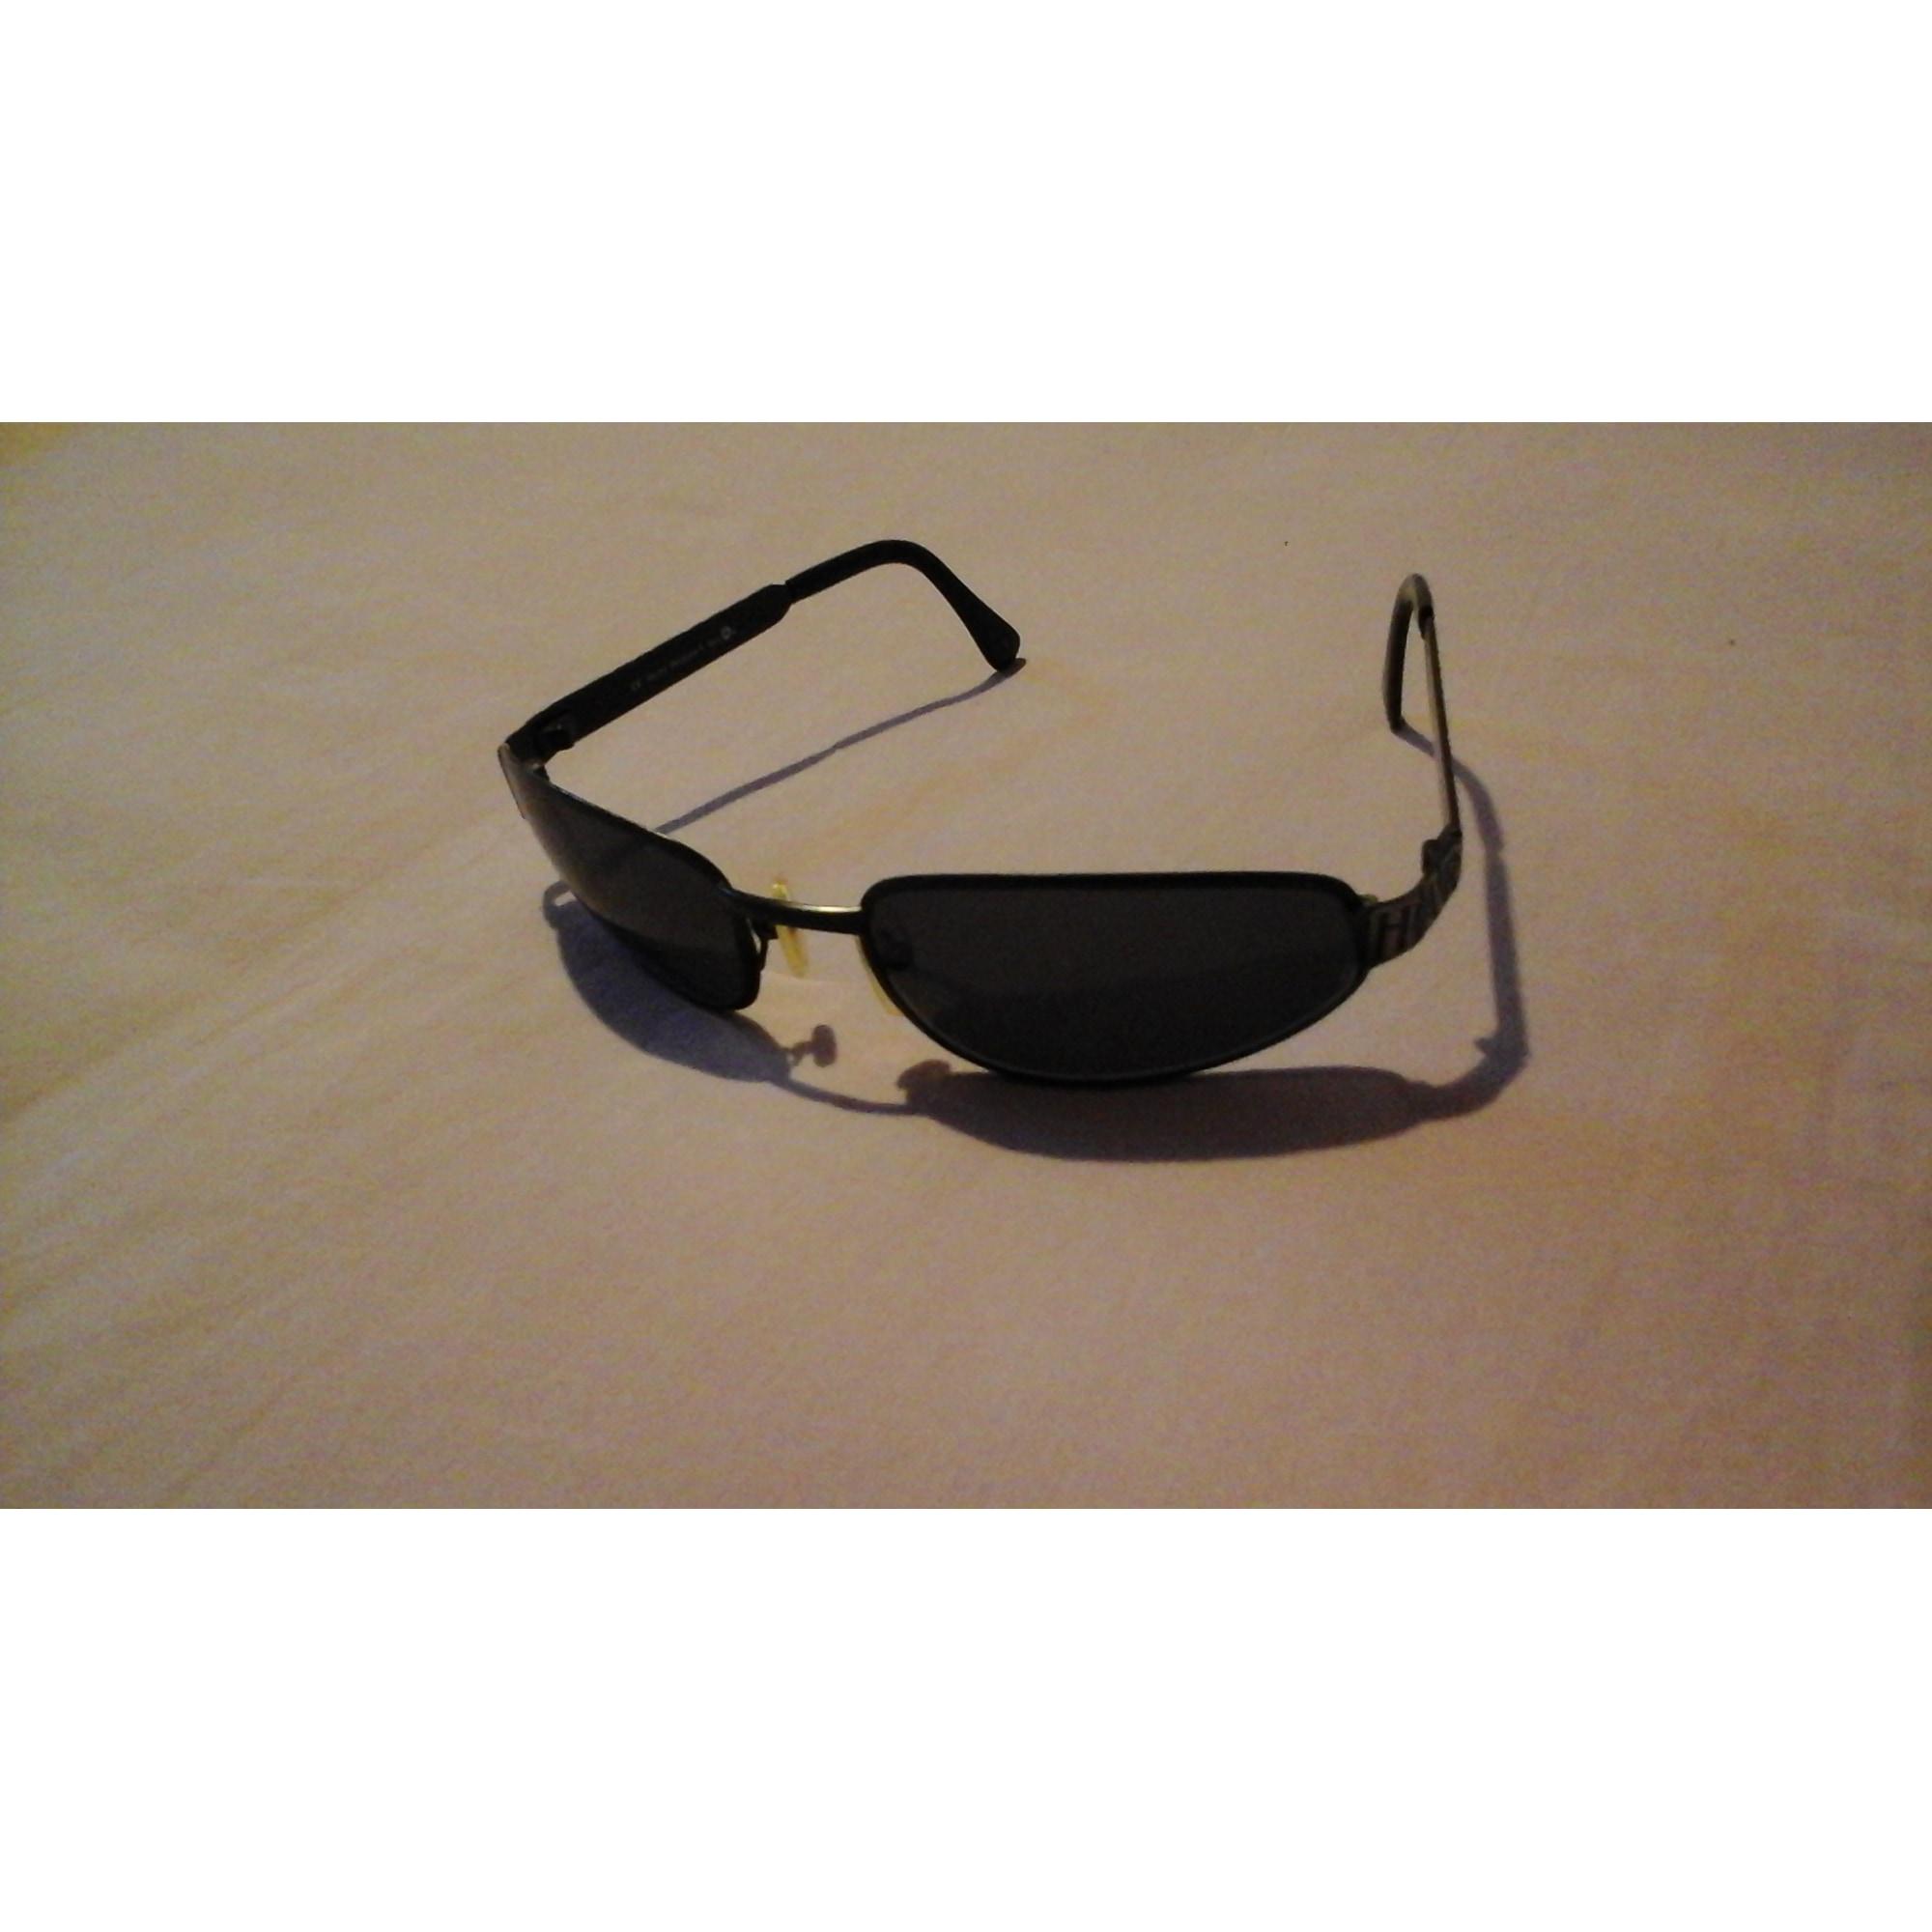 710dc928d Lunettes de soleil HARLEY DAVIDSON noir vendu par Ramos 16 - 5078985